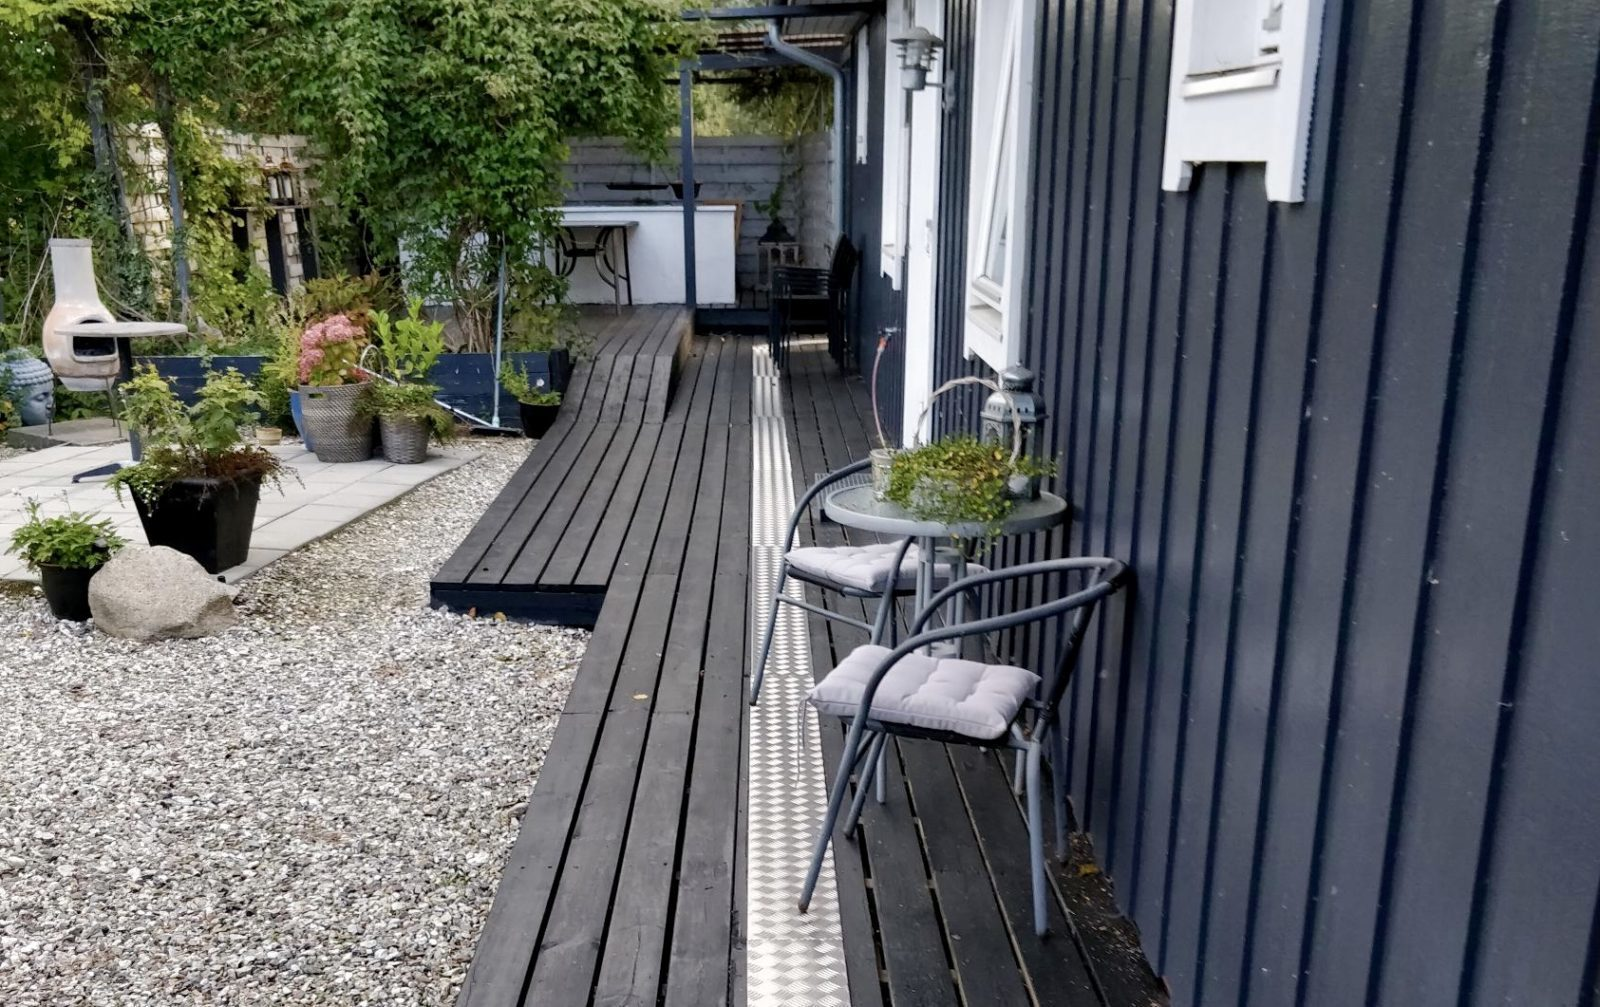 Tørslev Hage, Dänemark – mit einer Aluminiumoberfläche